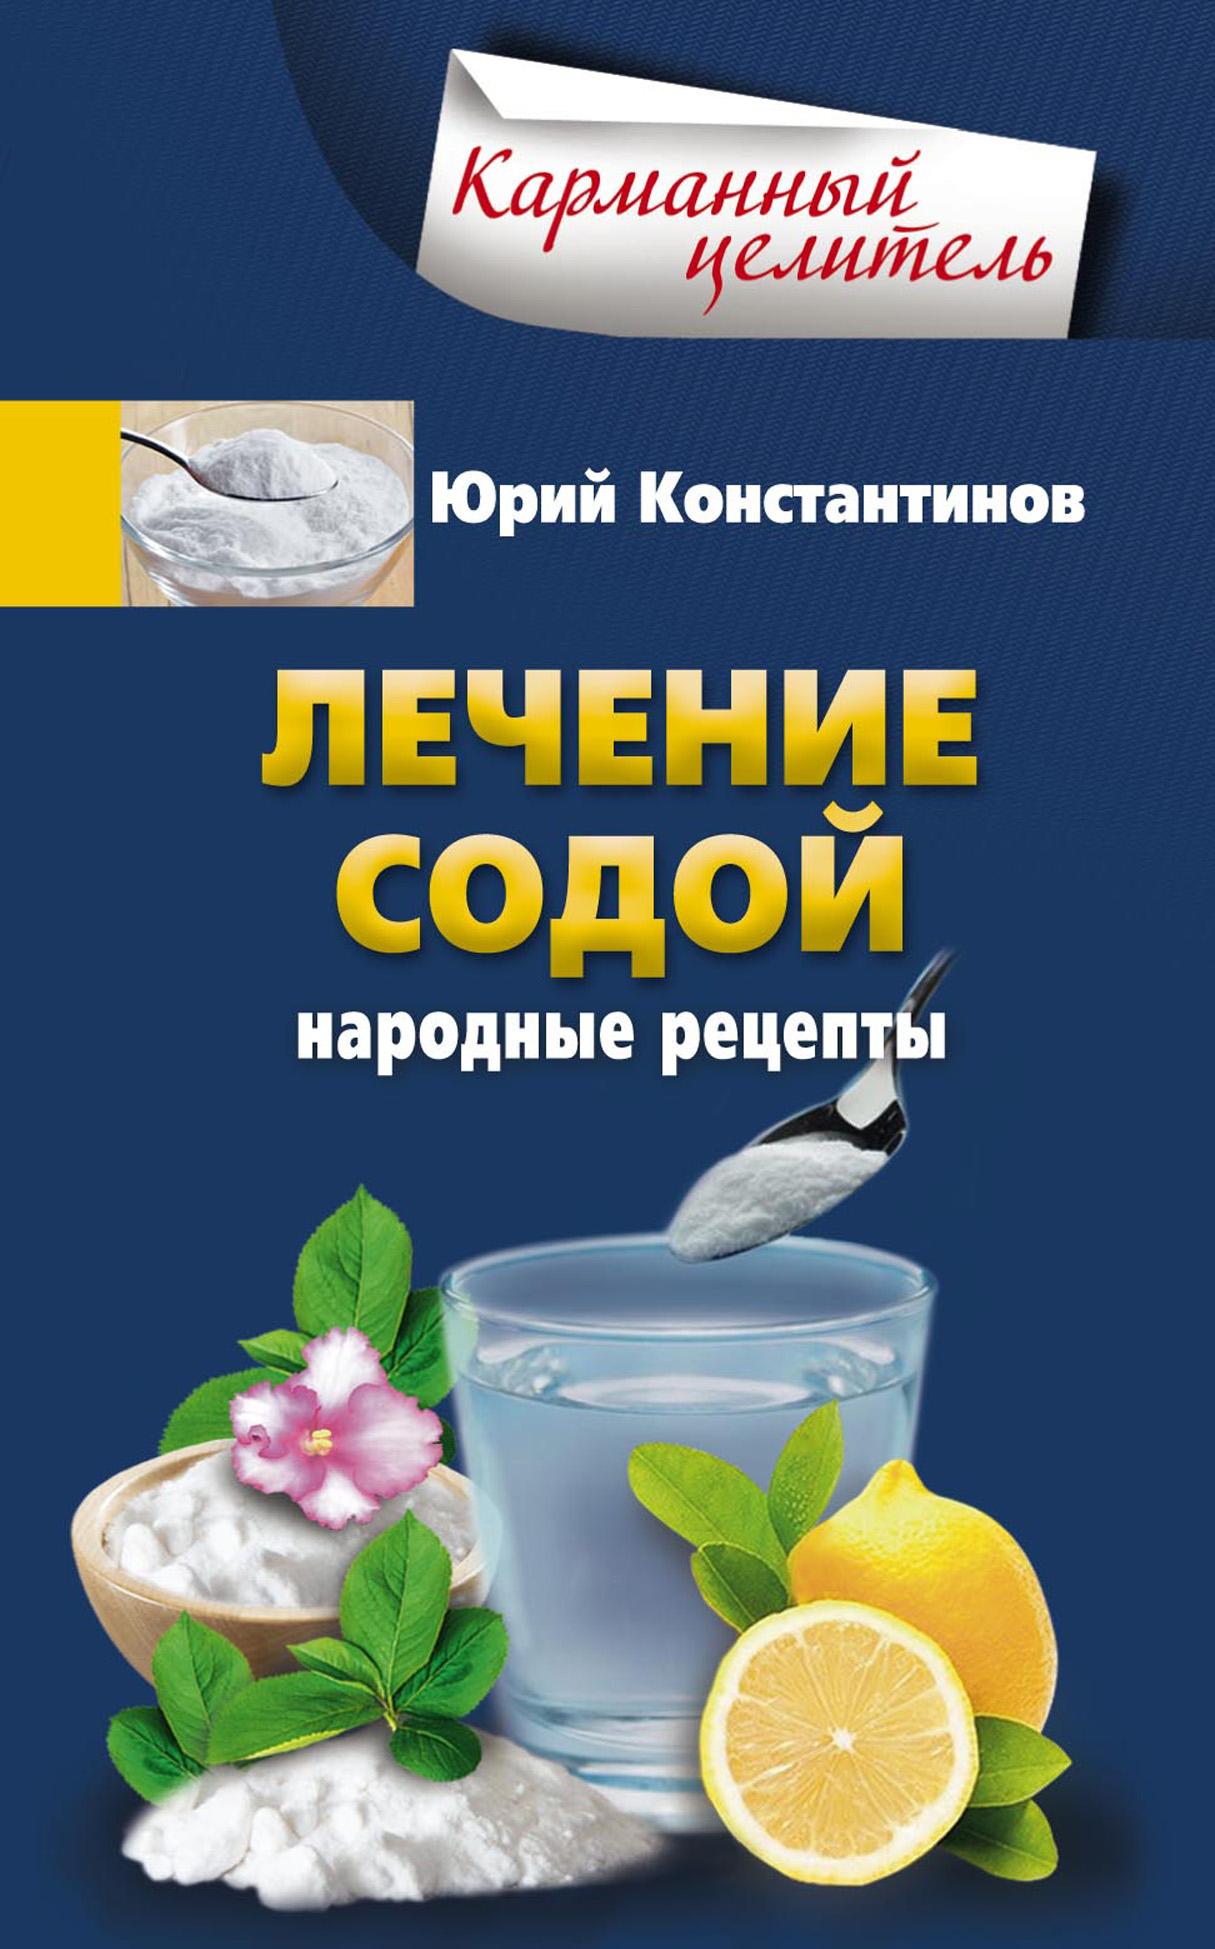 Юрий Константинов Лечение содой. Народные рецепты константинов ю лечение капустой при онкологии ожирении диабете простуде геморрое заболеваниях печени суставов…